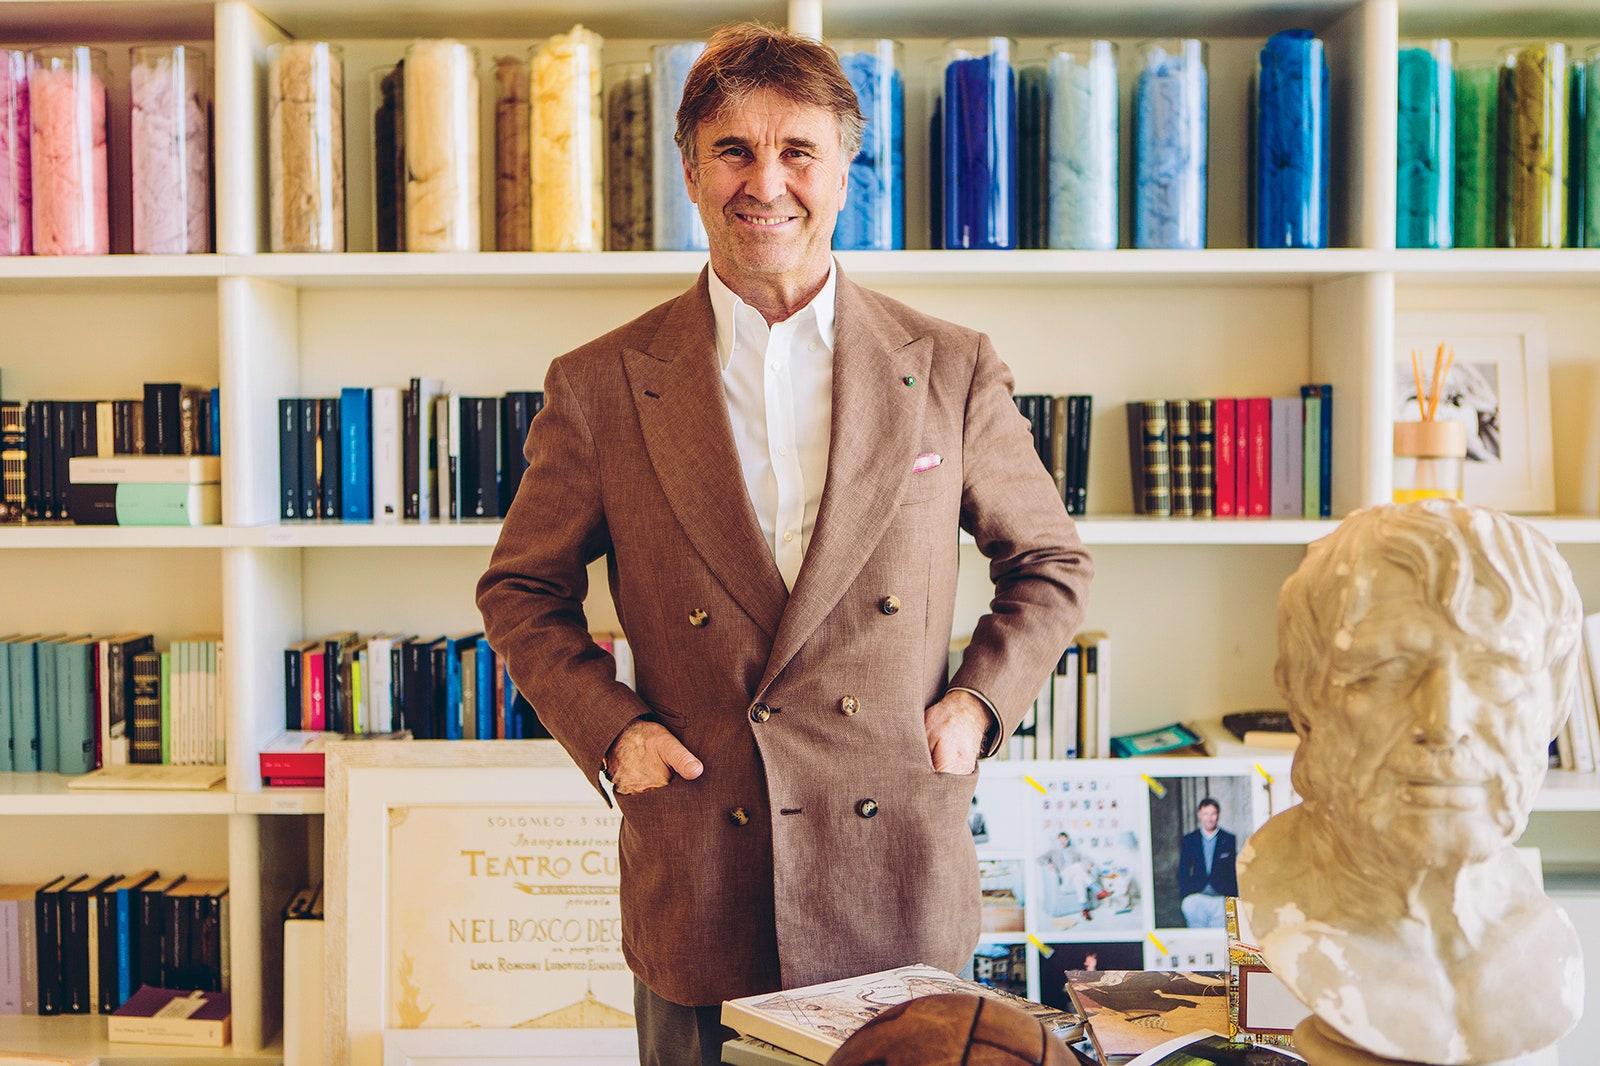 Brunello Cucinelli interview